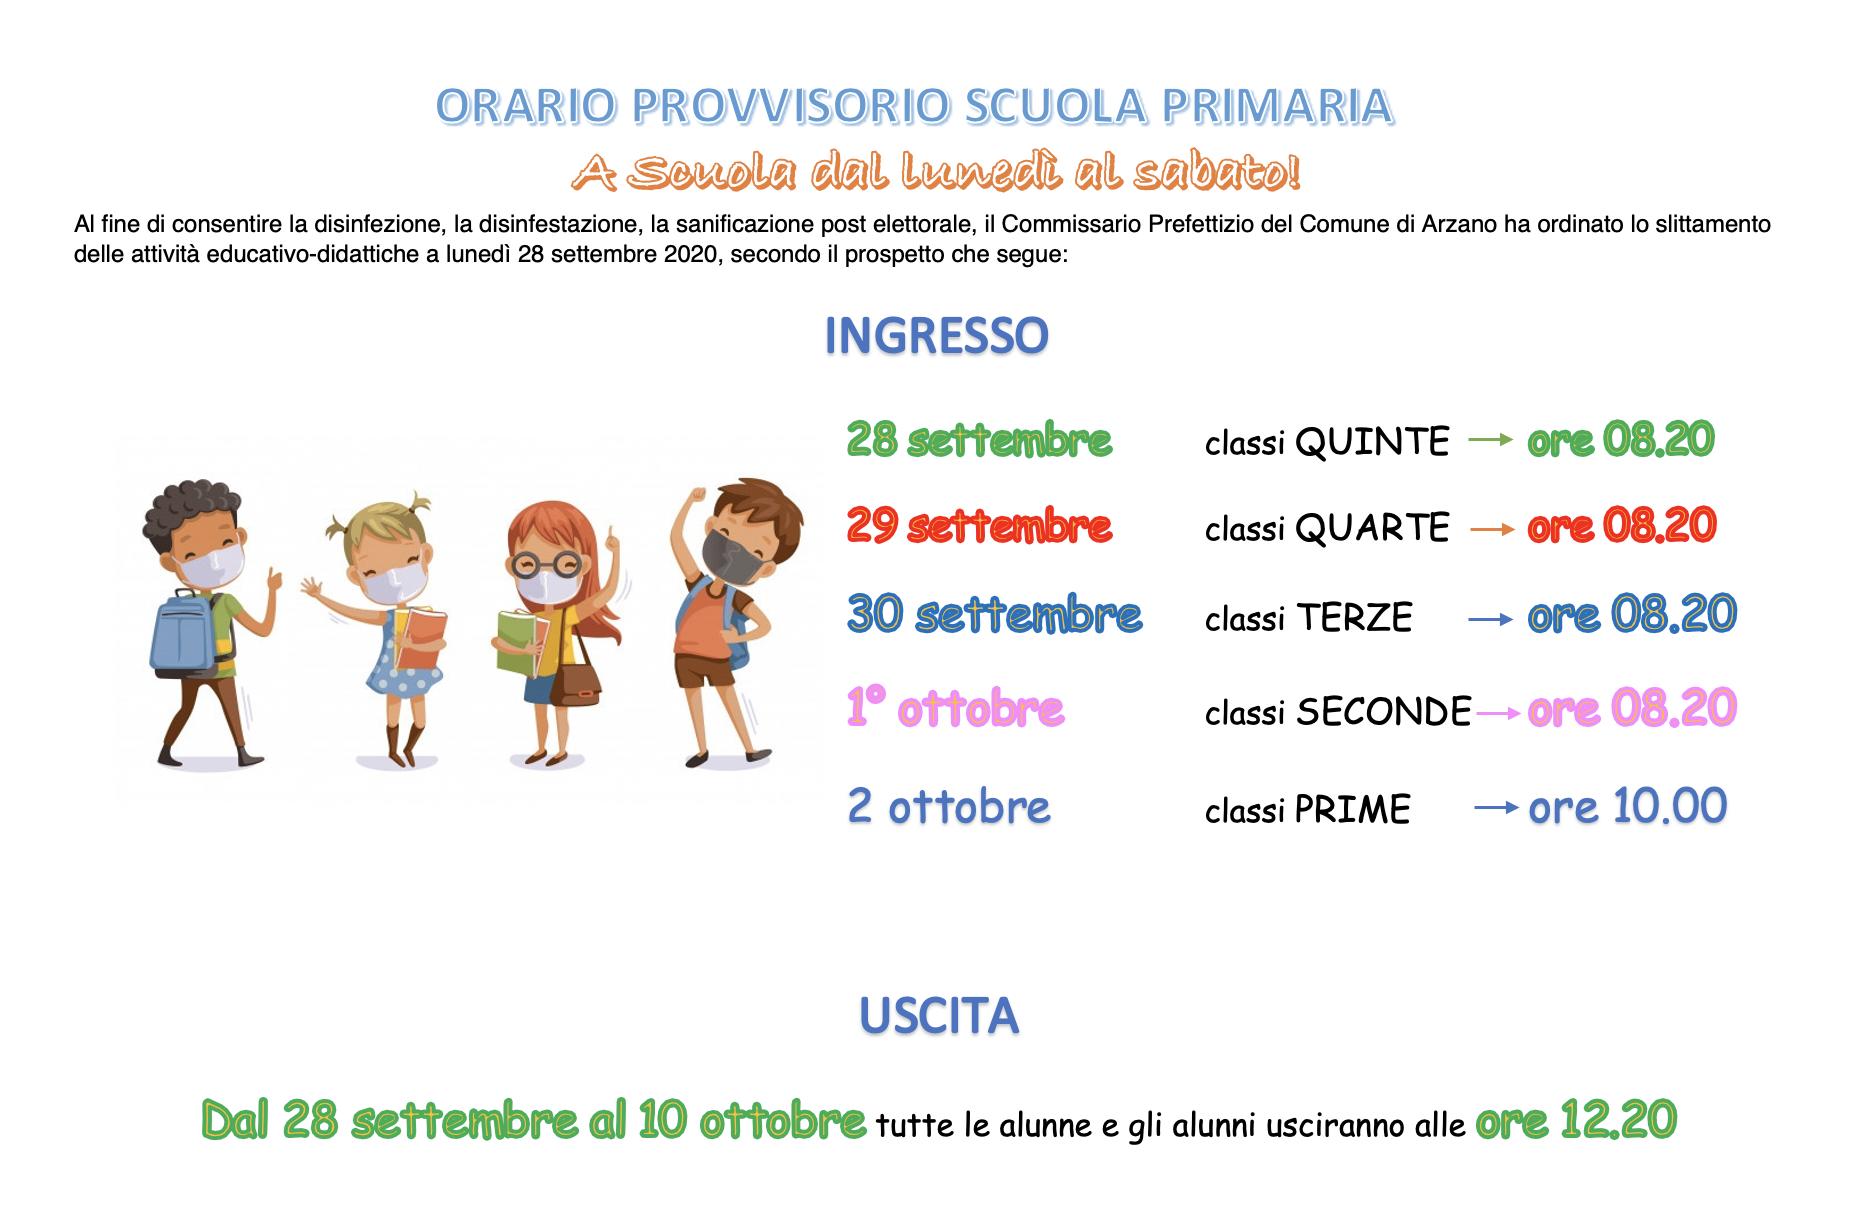 orario provvisorio scuola primaria